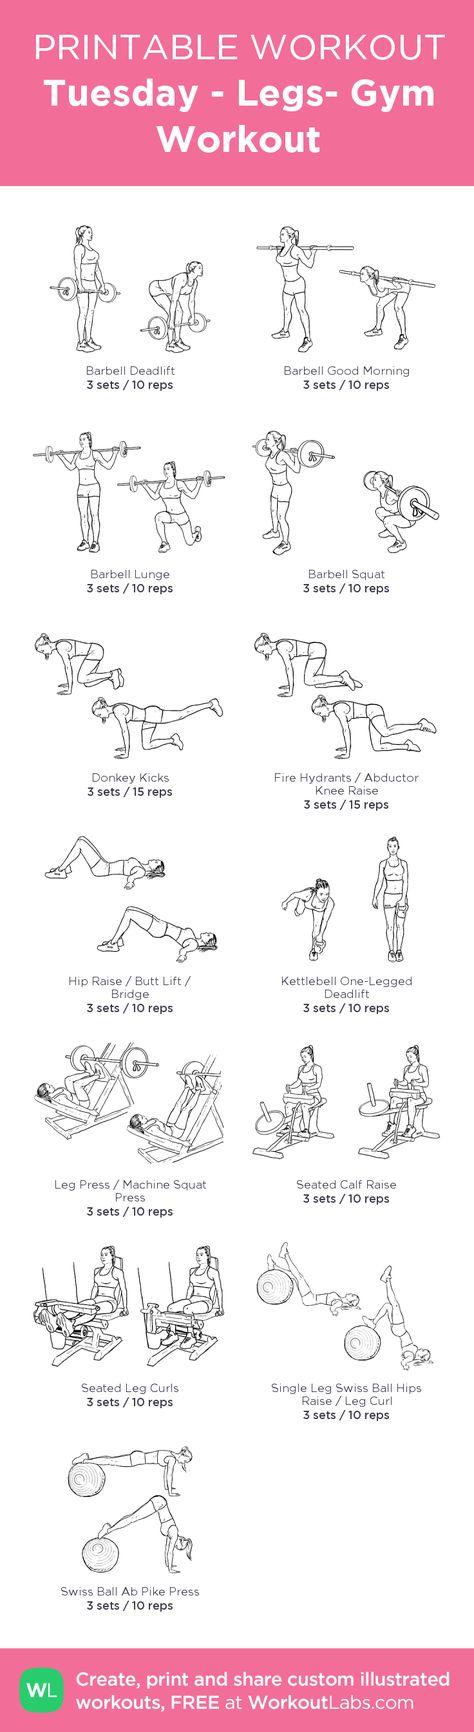 10 Most Inspiring Workout plans Ideas